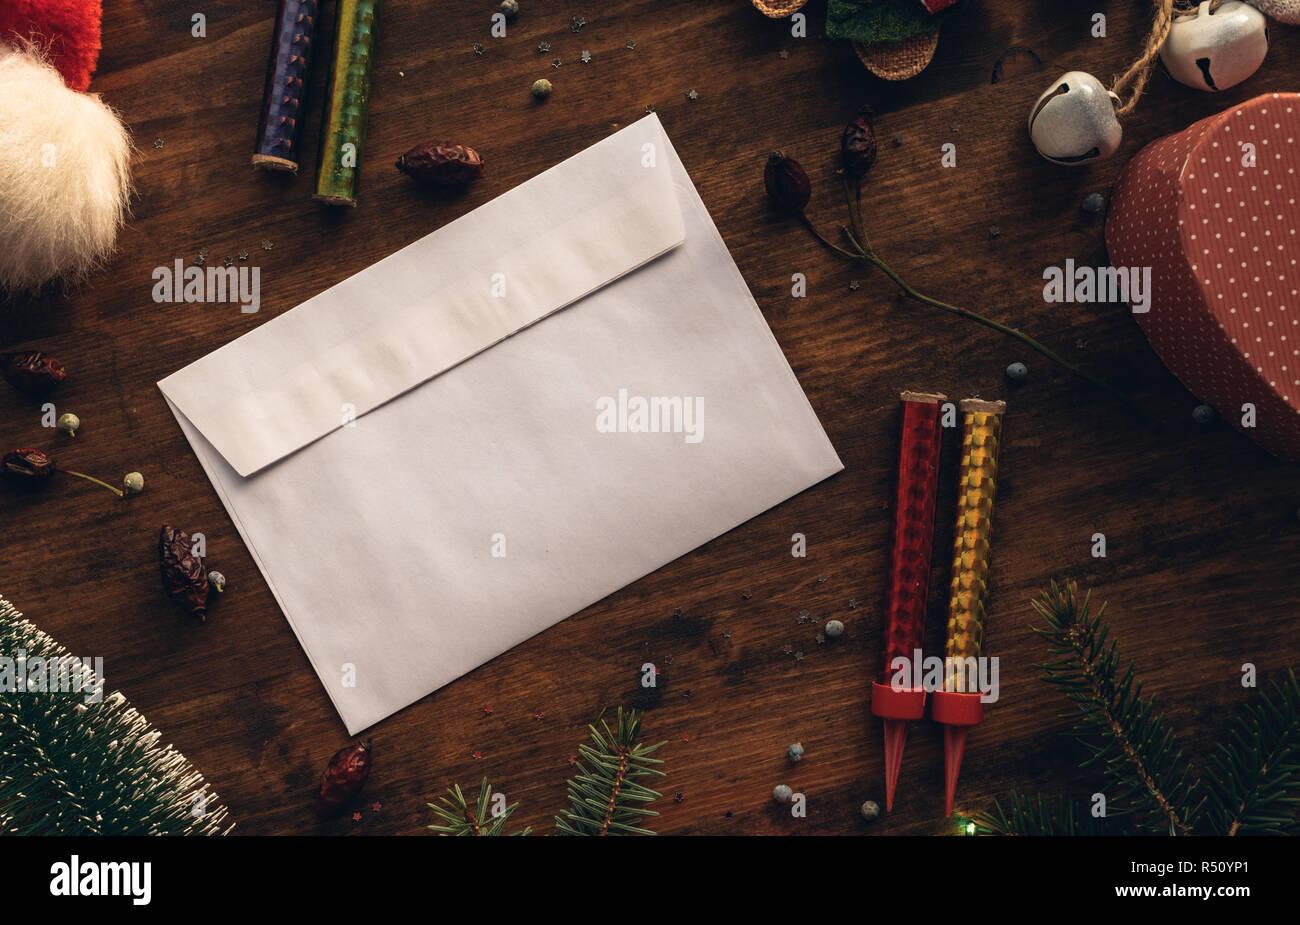 Schreiben Einen Brief An Den Weihnachtsmann Für Weihnachten Leeren